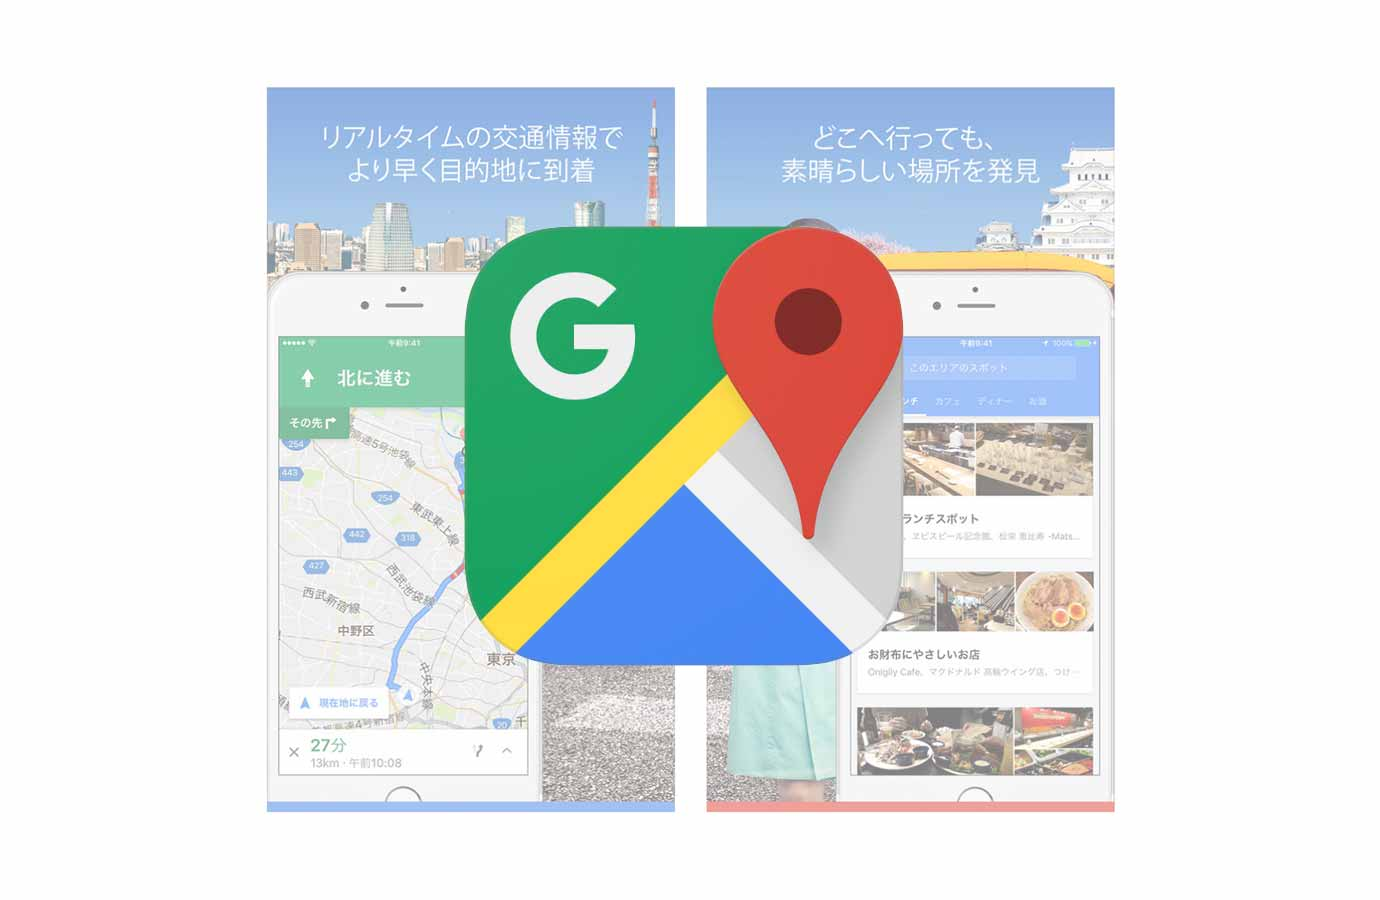 iOSアプリ「Google マップ」がアップデートで地図の色やスタイルが更新され、デザインが美しく